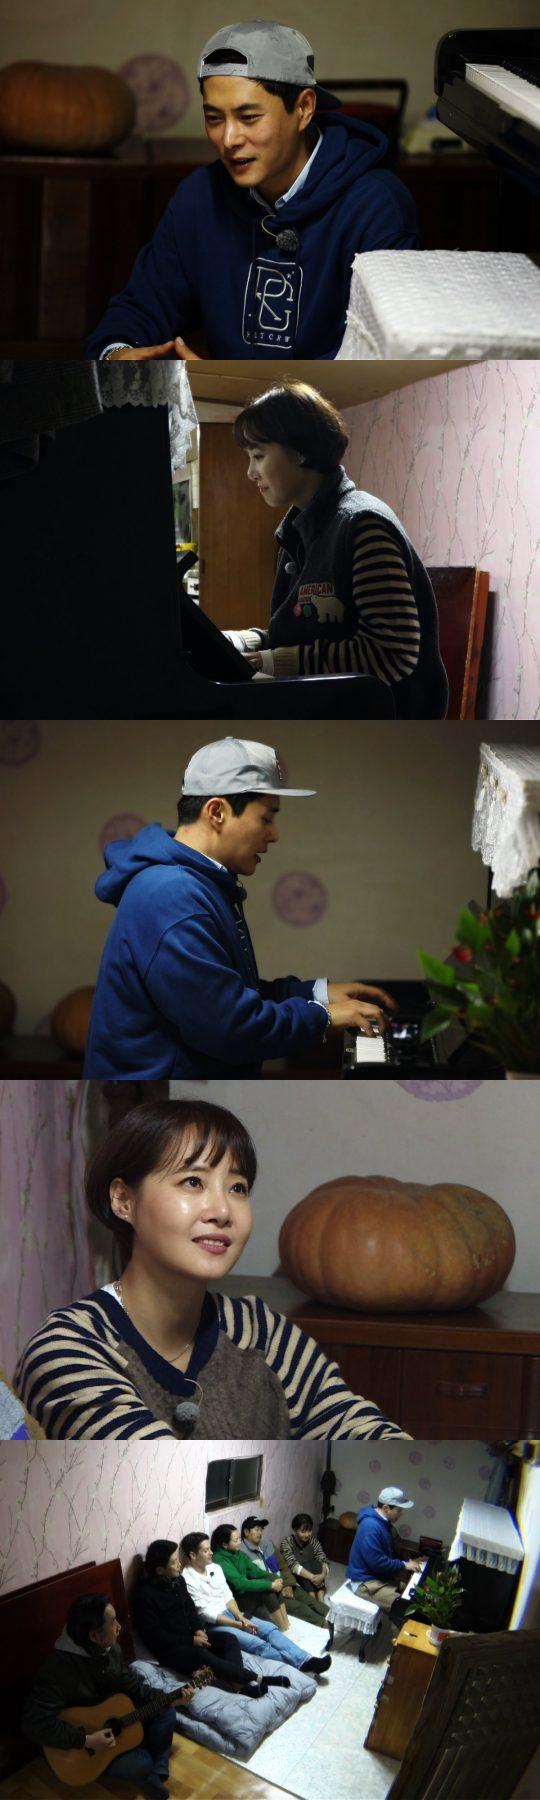 '불타는 청춘' 이기찬과 강경헌의 피아노 연주. /사진제공=SBS